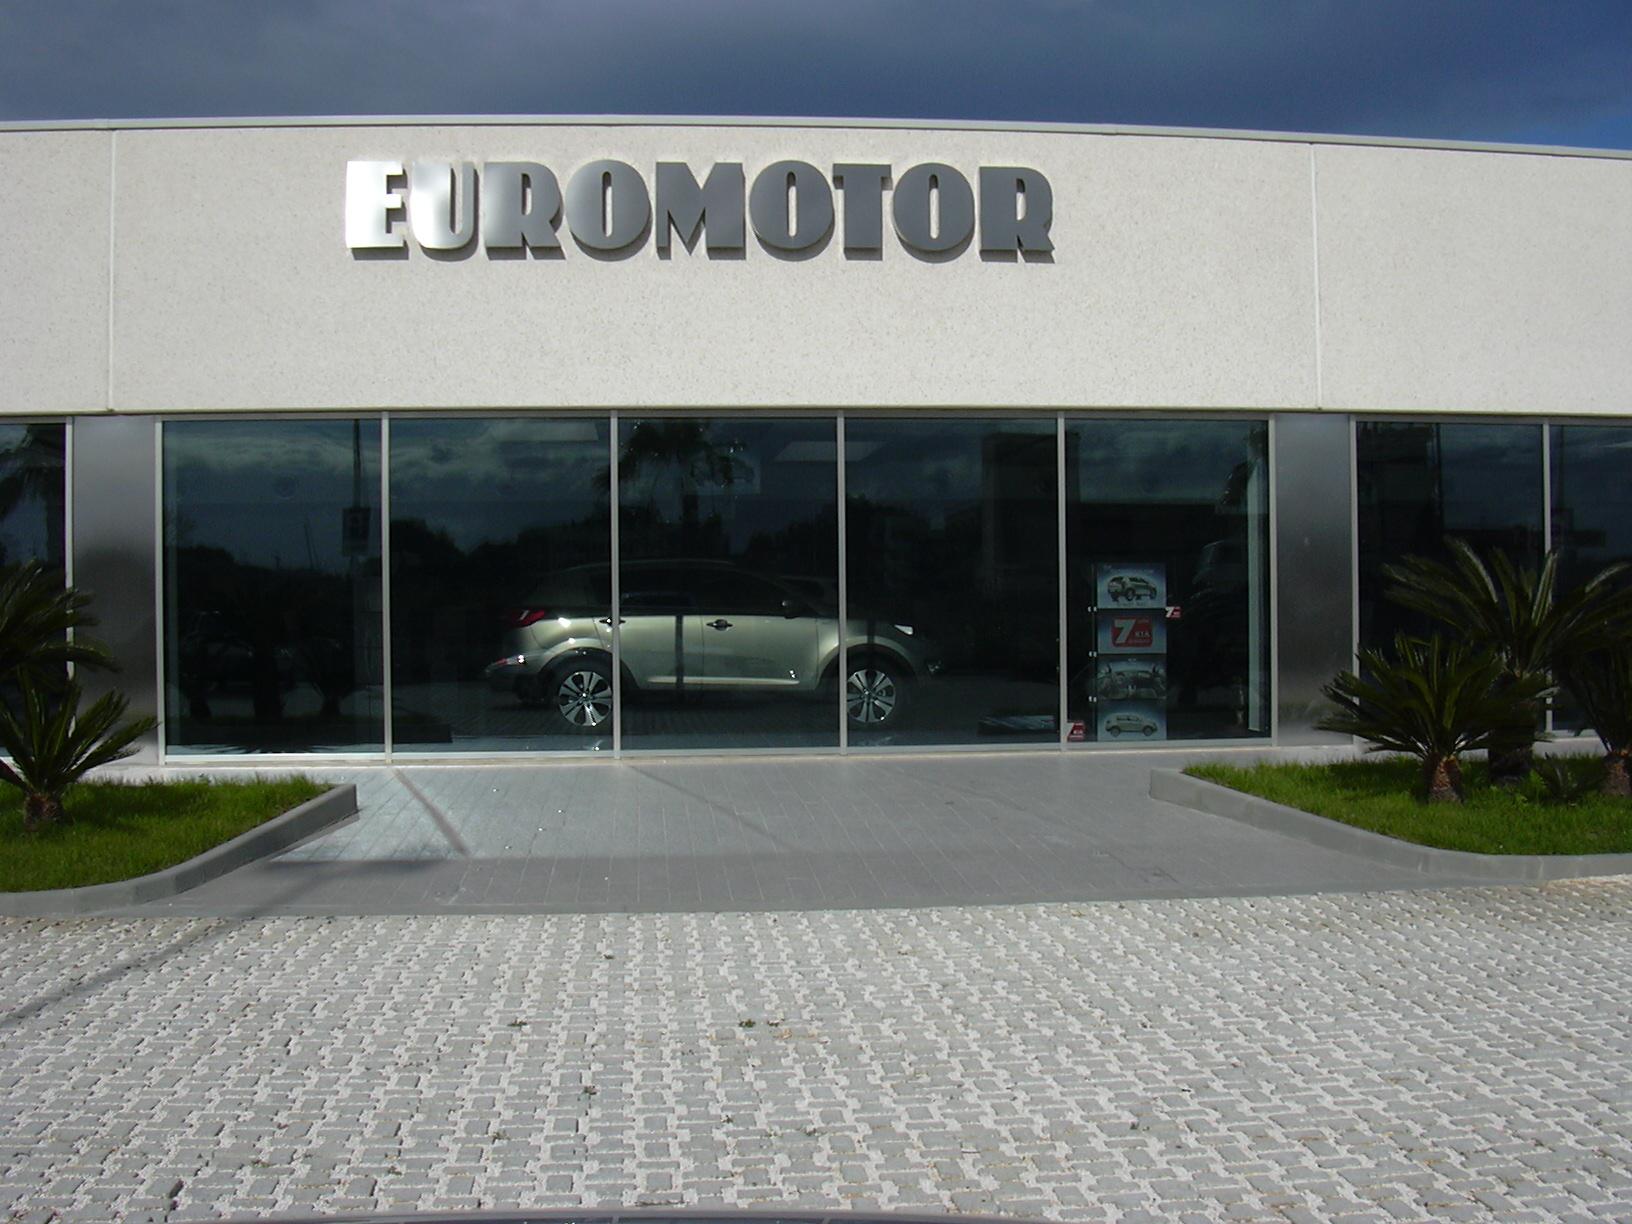 Euromotor